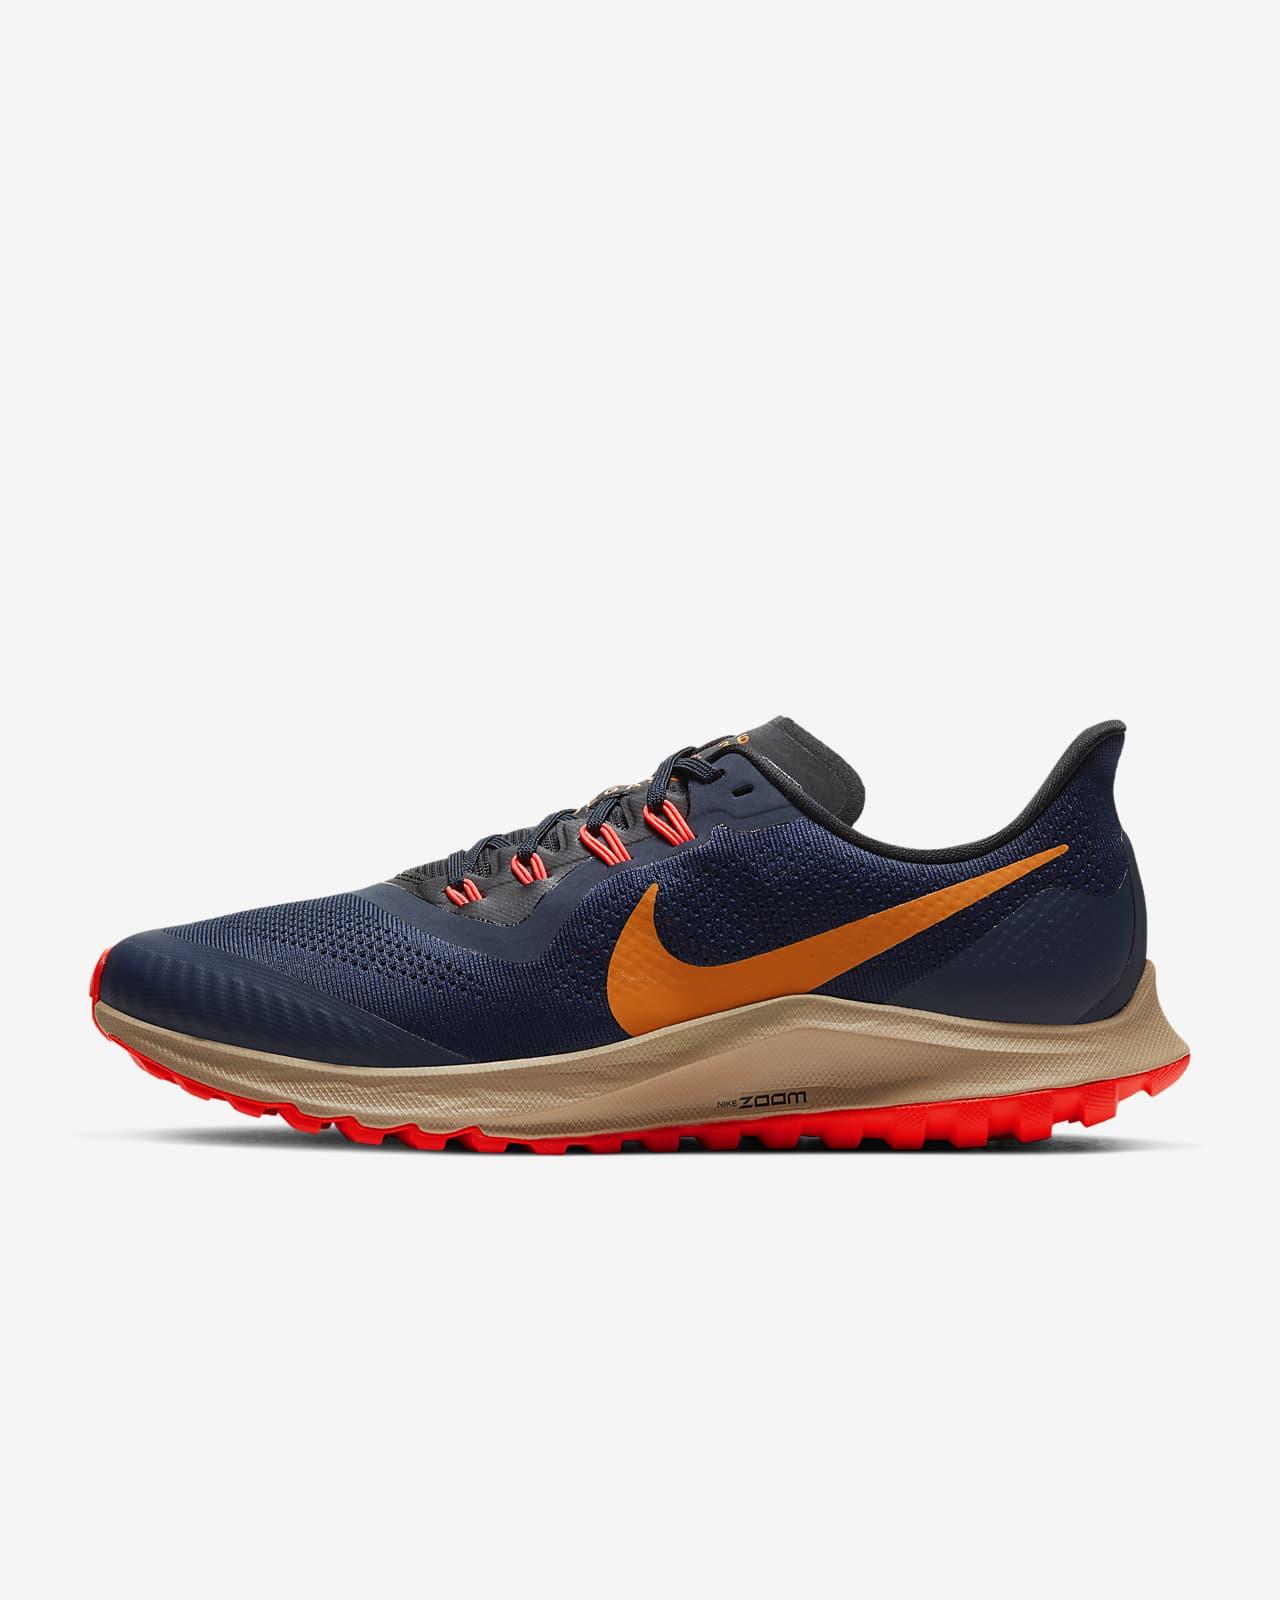 รองเท้าวิ่งเทรลผู้ชาย Nike Air Zoom Pegasus 36 Trail